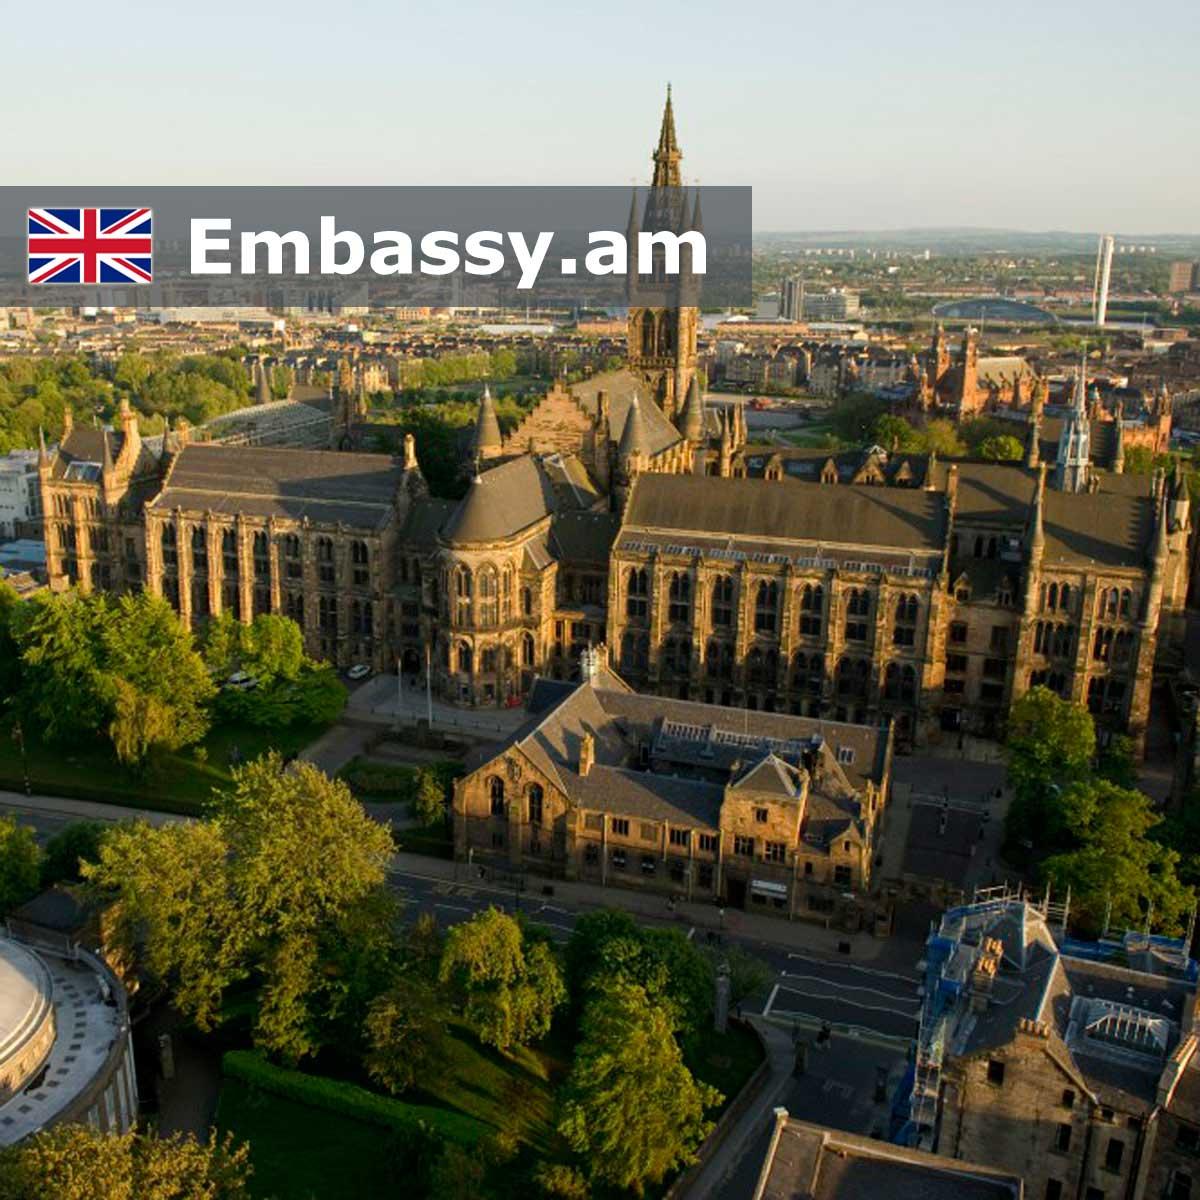 Գլազգո - Հյուրանոցներ Միացյալ Թագավորությունում - Embassy.am